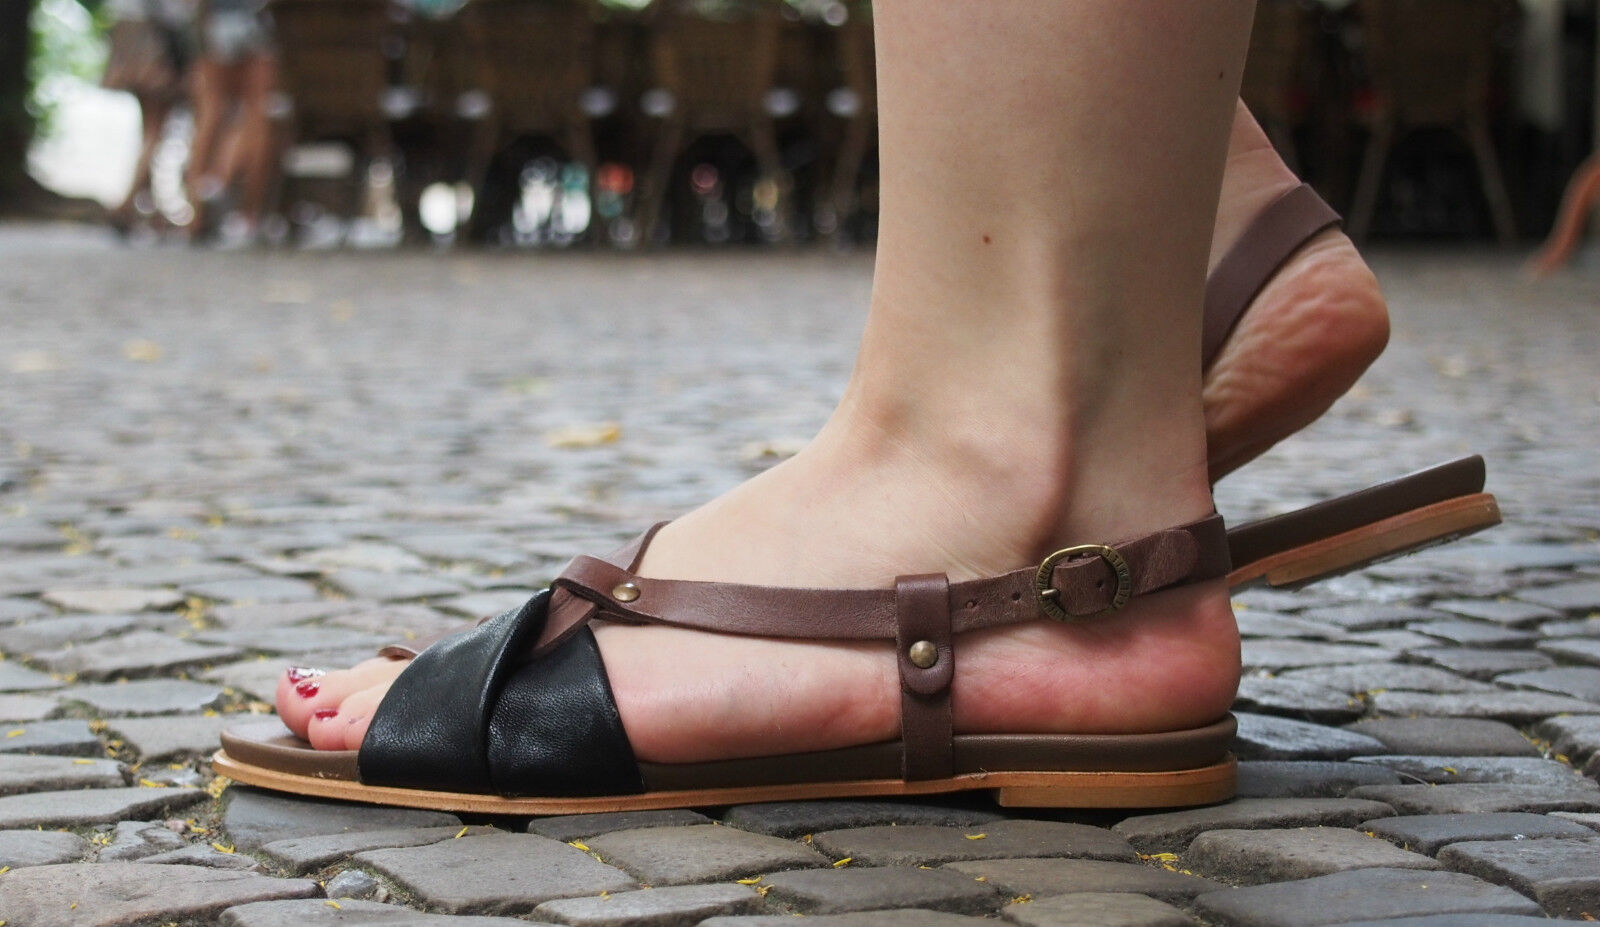 LILIMILL Schuhe 5581 DXNR dixan schwarz schwarz Echtleder Sandaletten NEU Sandalen